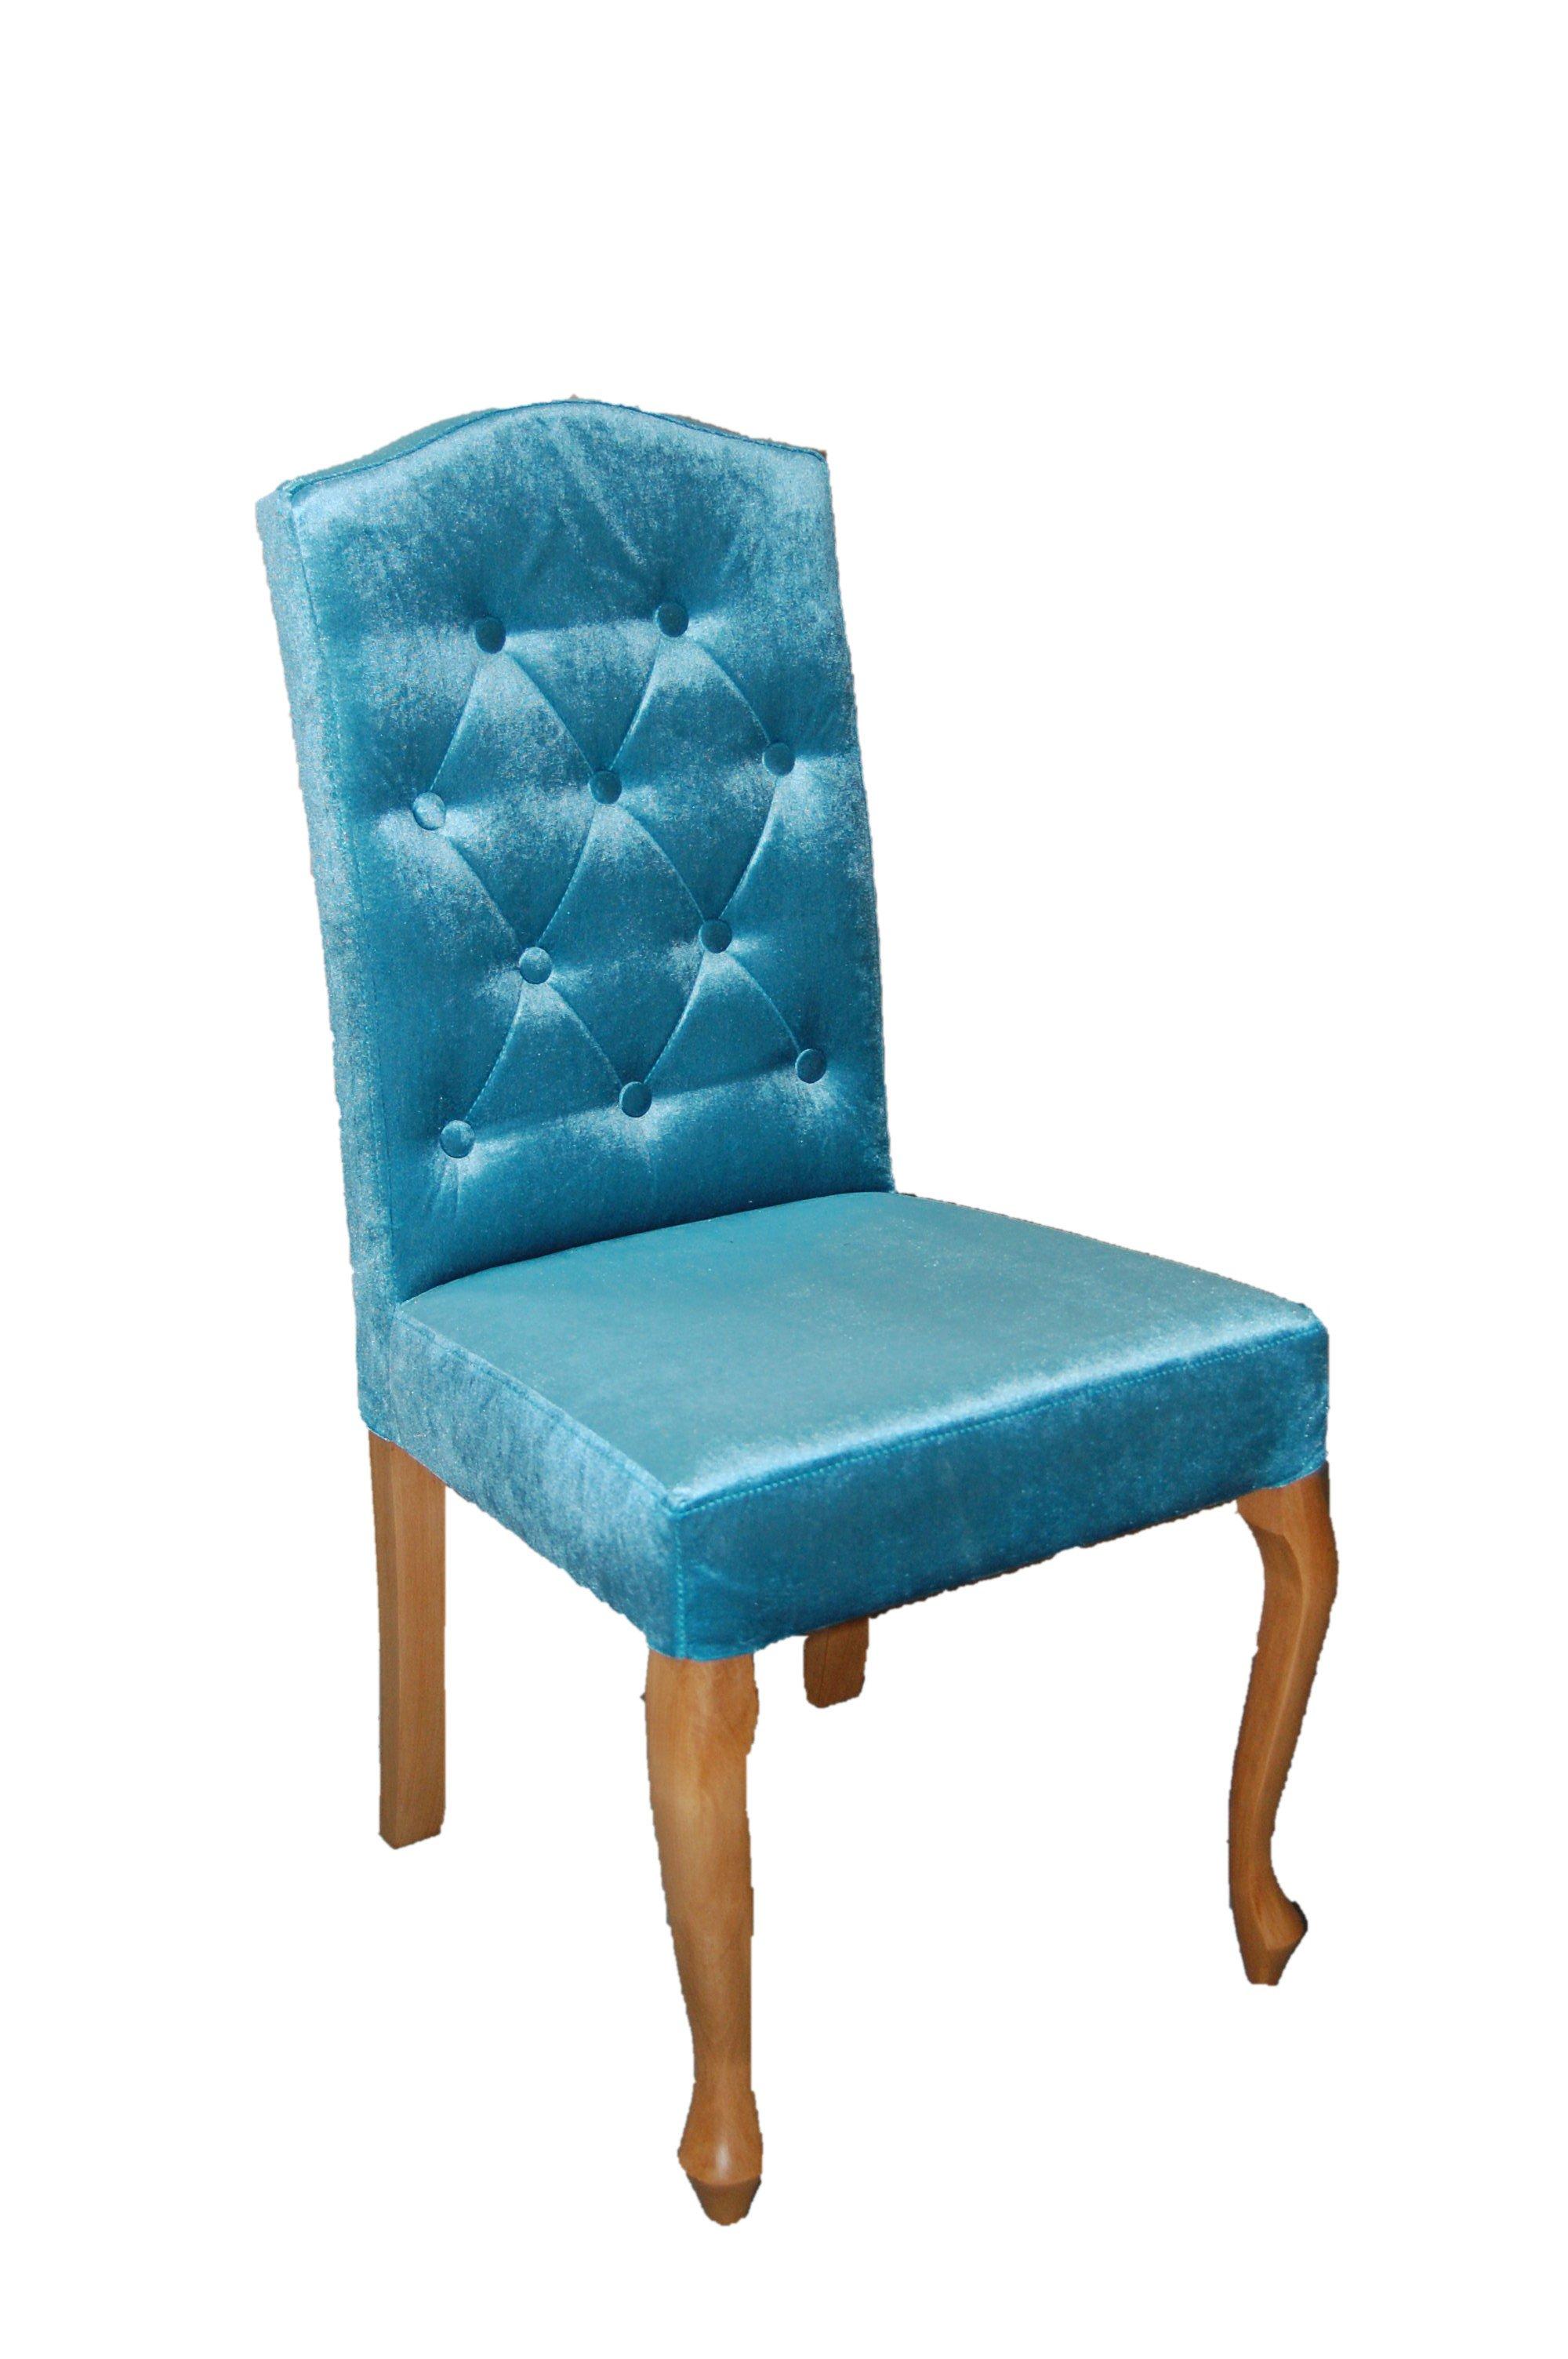 Krzesło ludwik 98 cm wysokość oparcia - tkanina do wyboru.